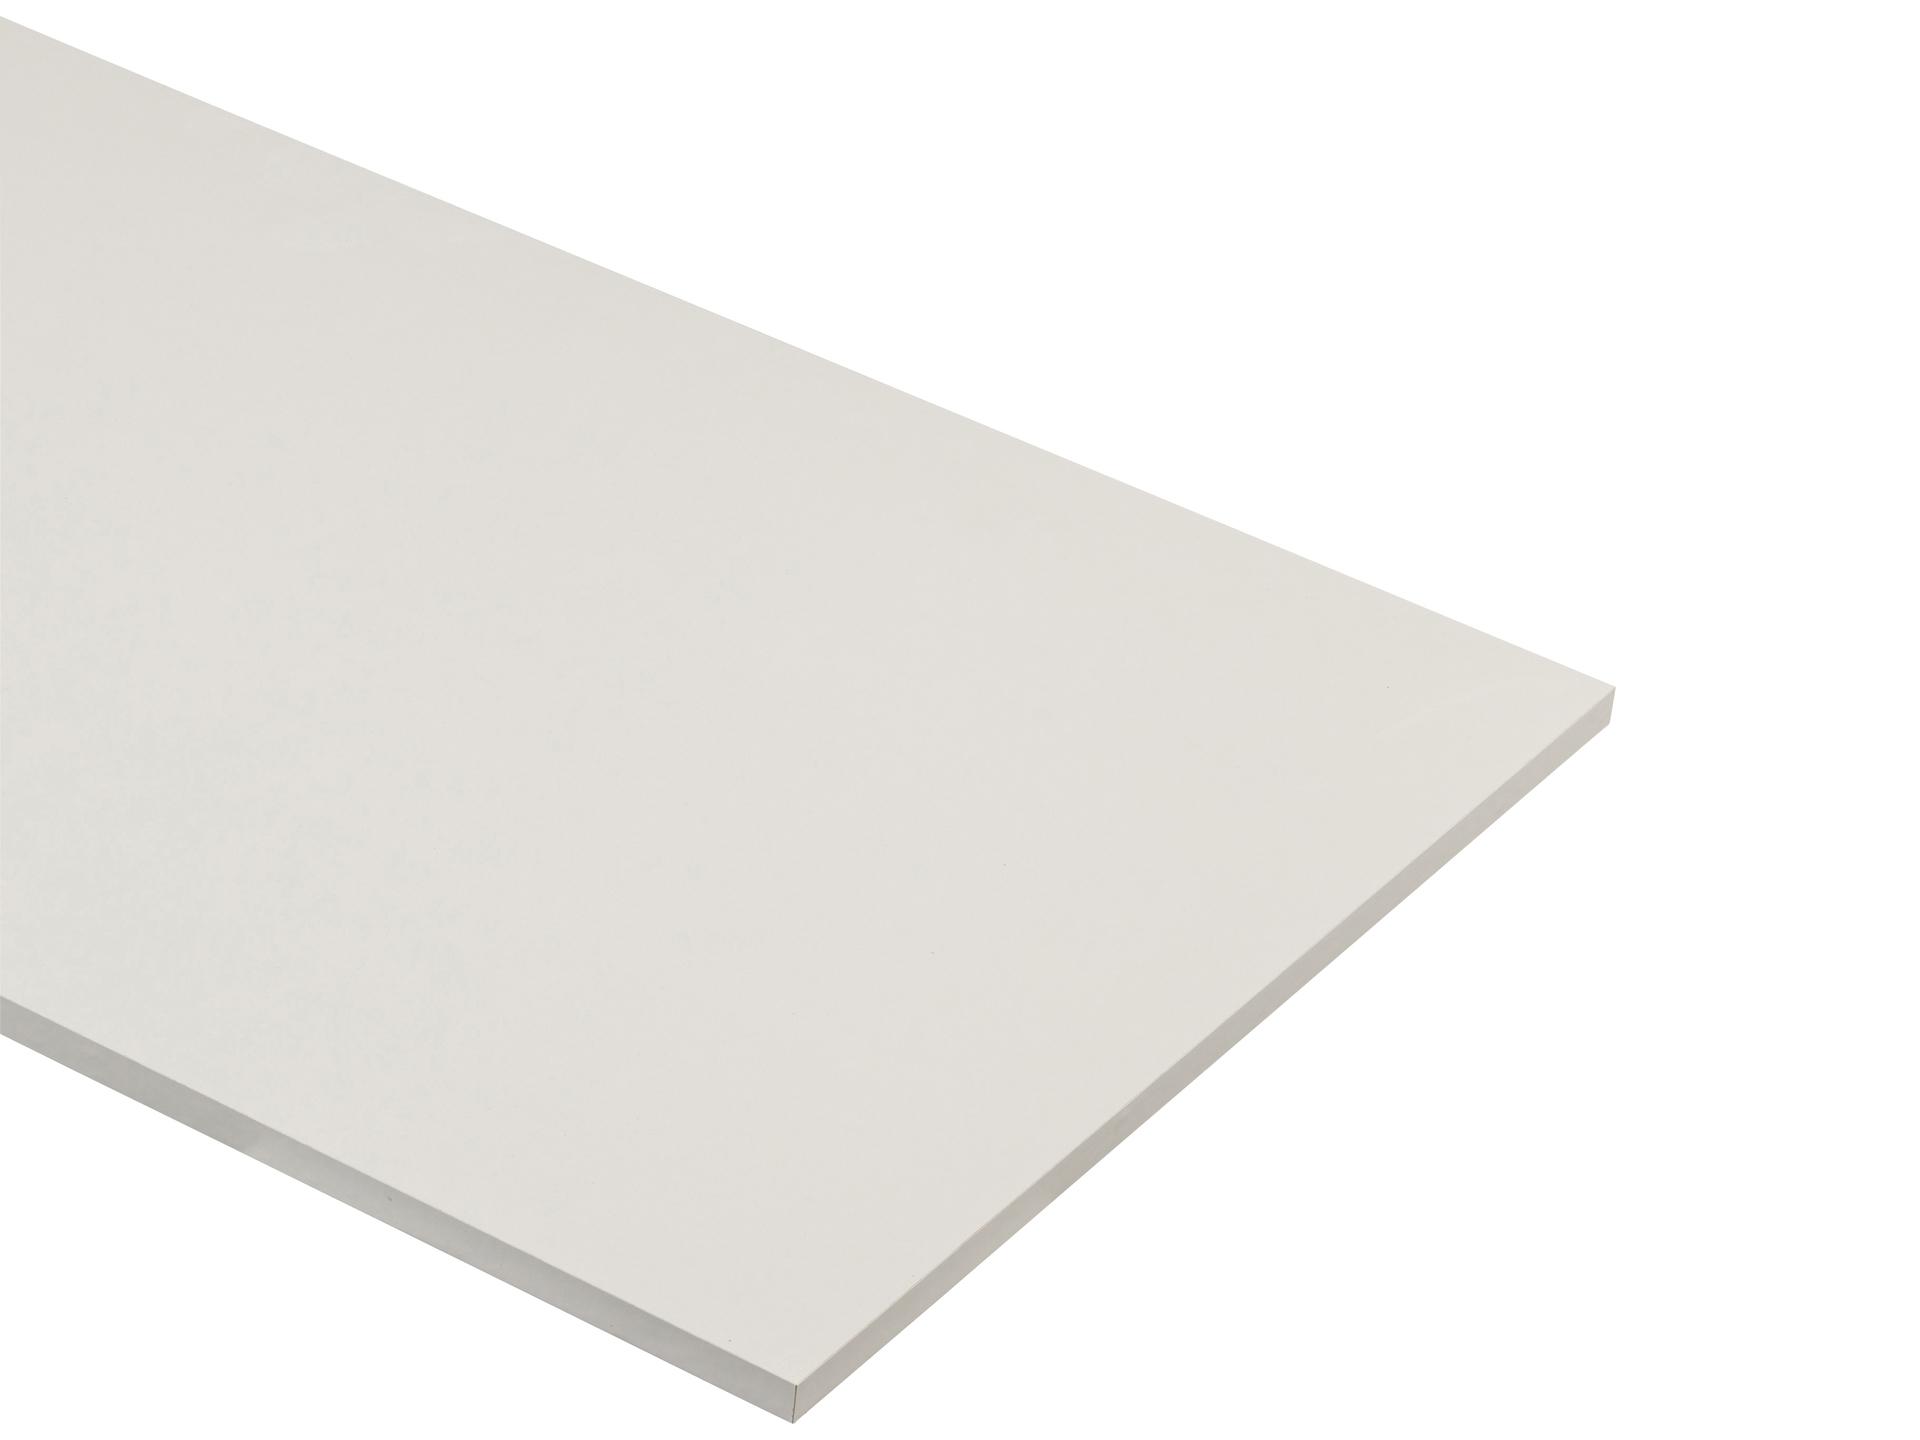 panneau de meuble 80x60 cm blanc paisseur 18mm hubo